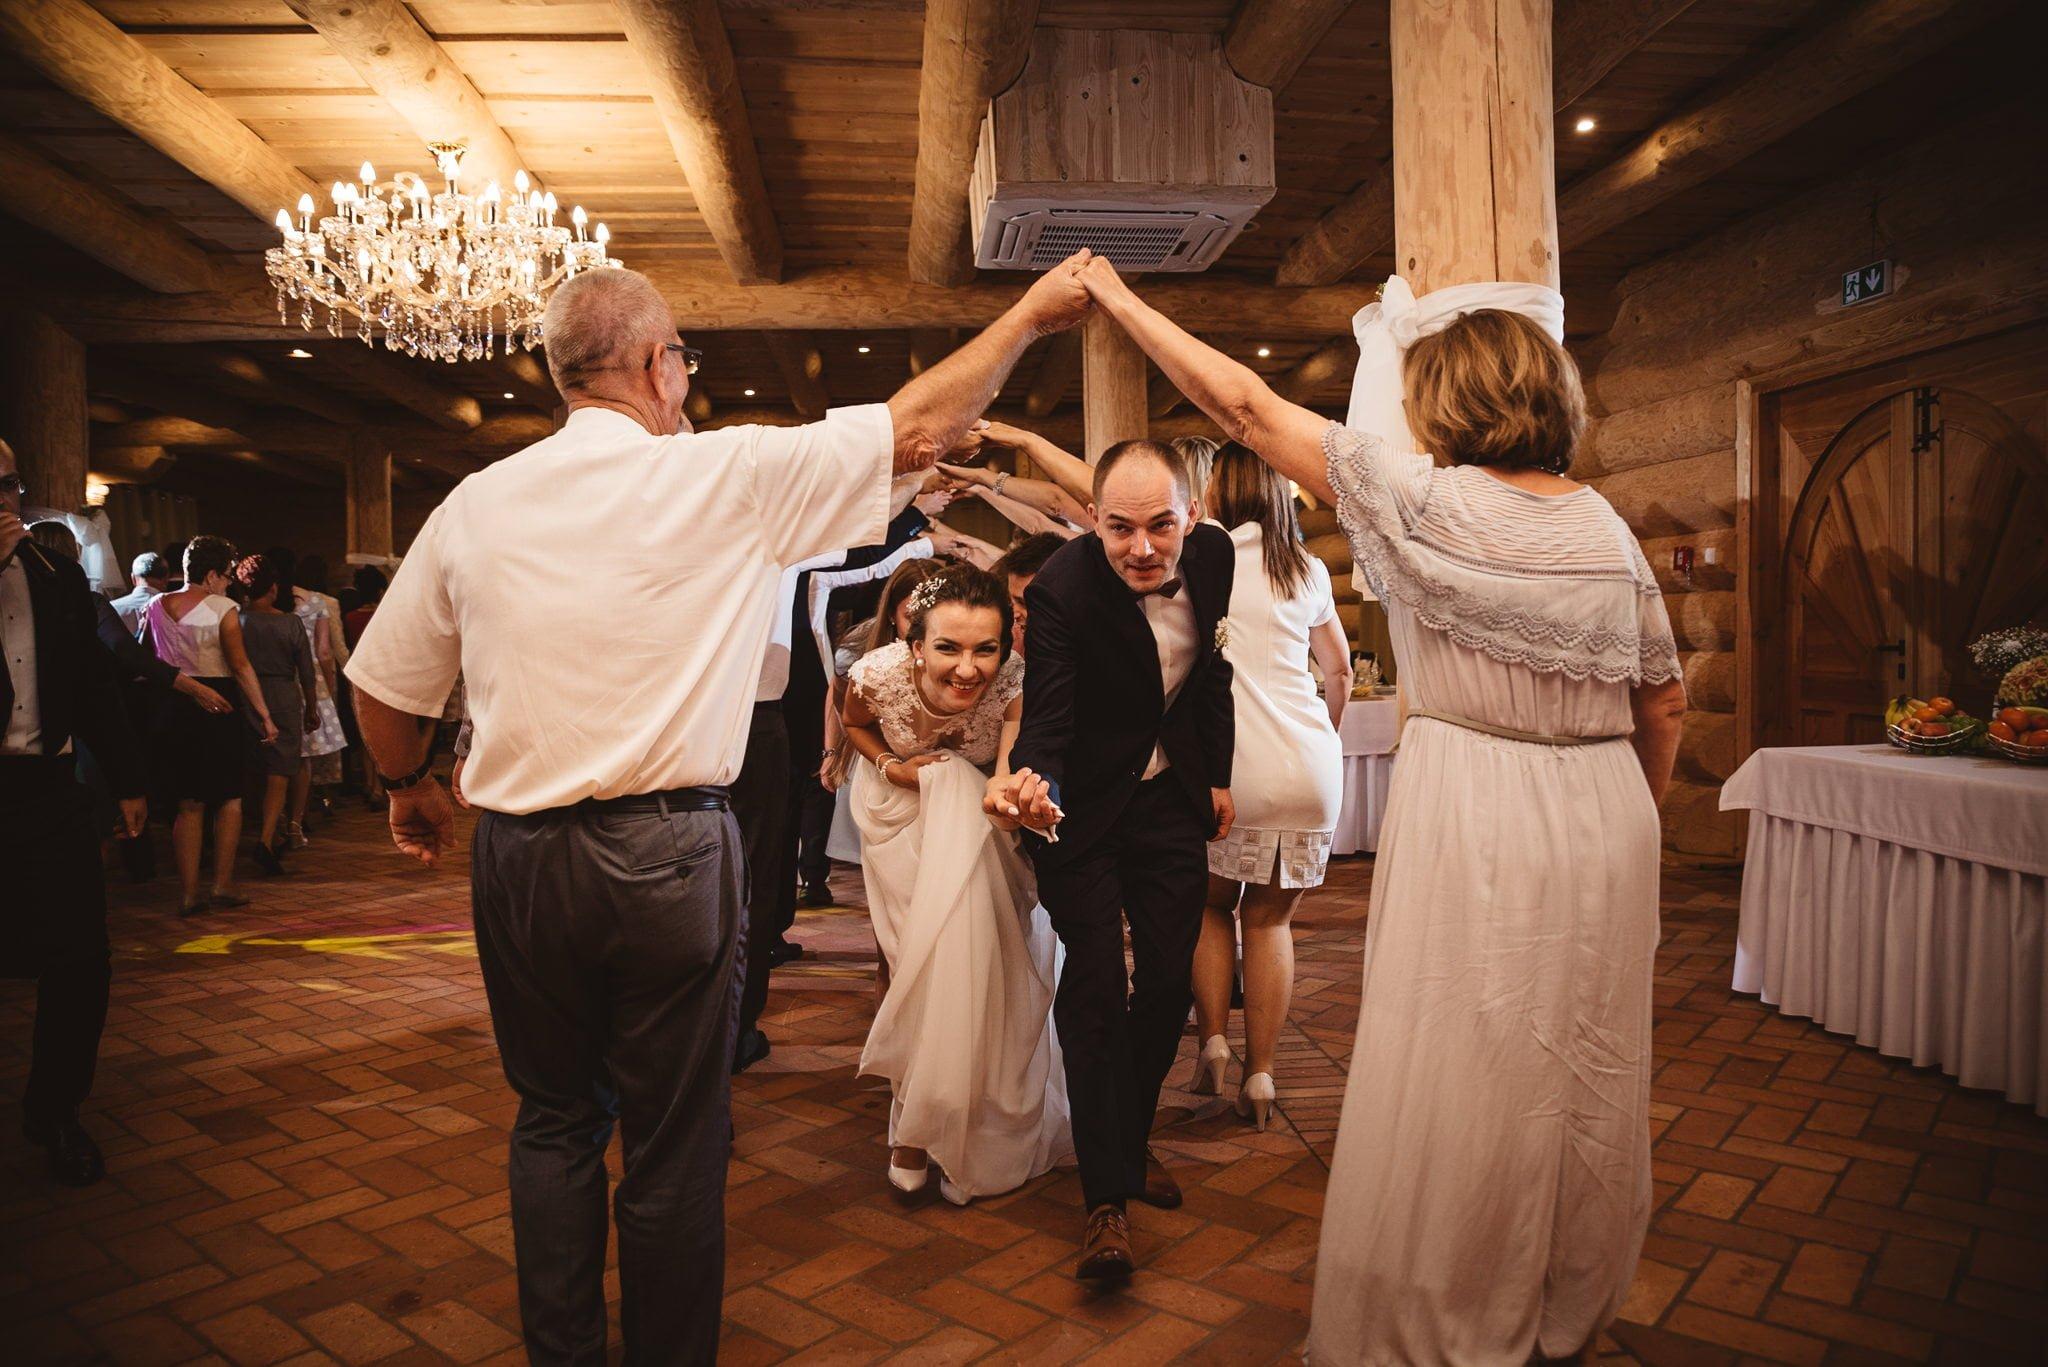 Ala i Arek, czyli jak zorganizować ślub i wesele w 4 tygodnie! 189